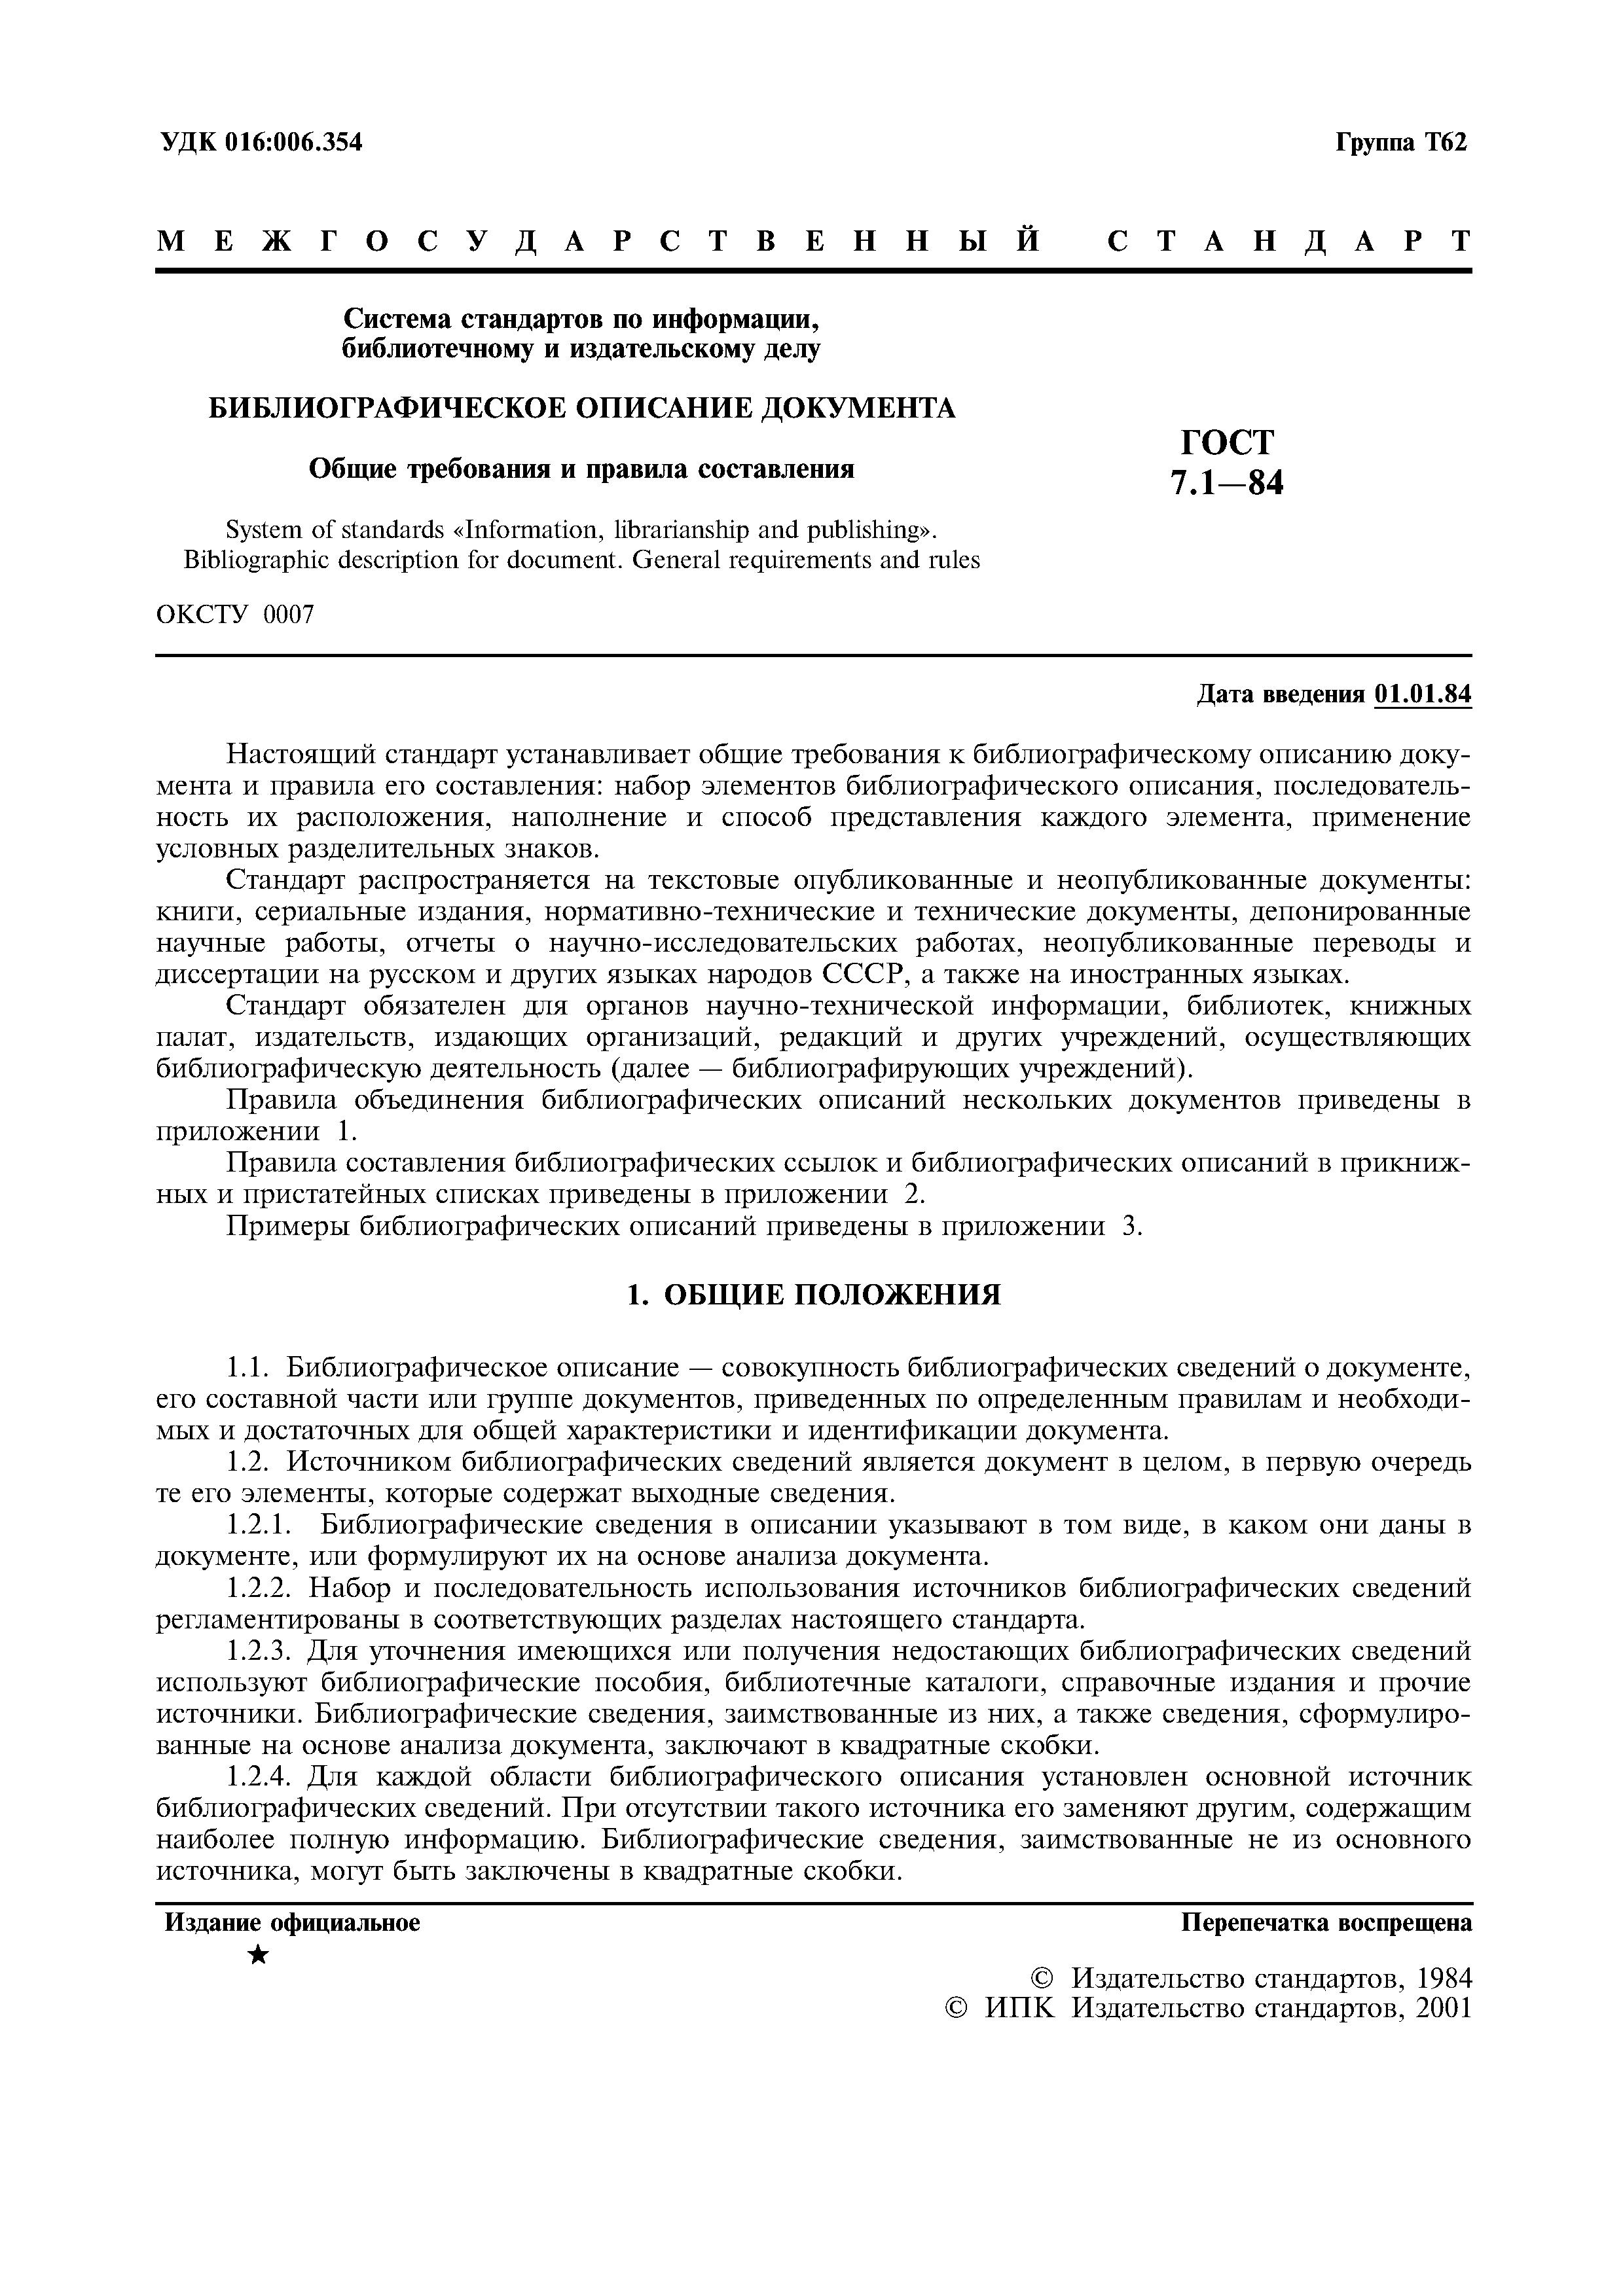 Гост 7.1 84 библиографическое описание документа общие требования